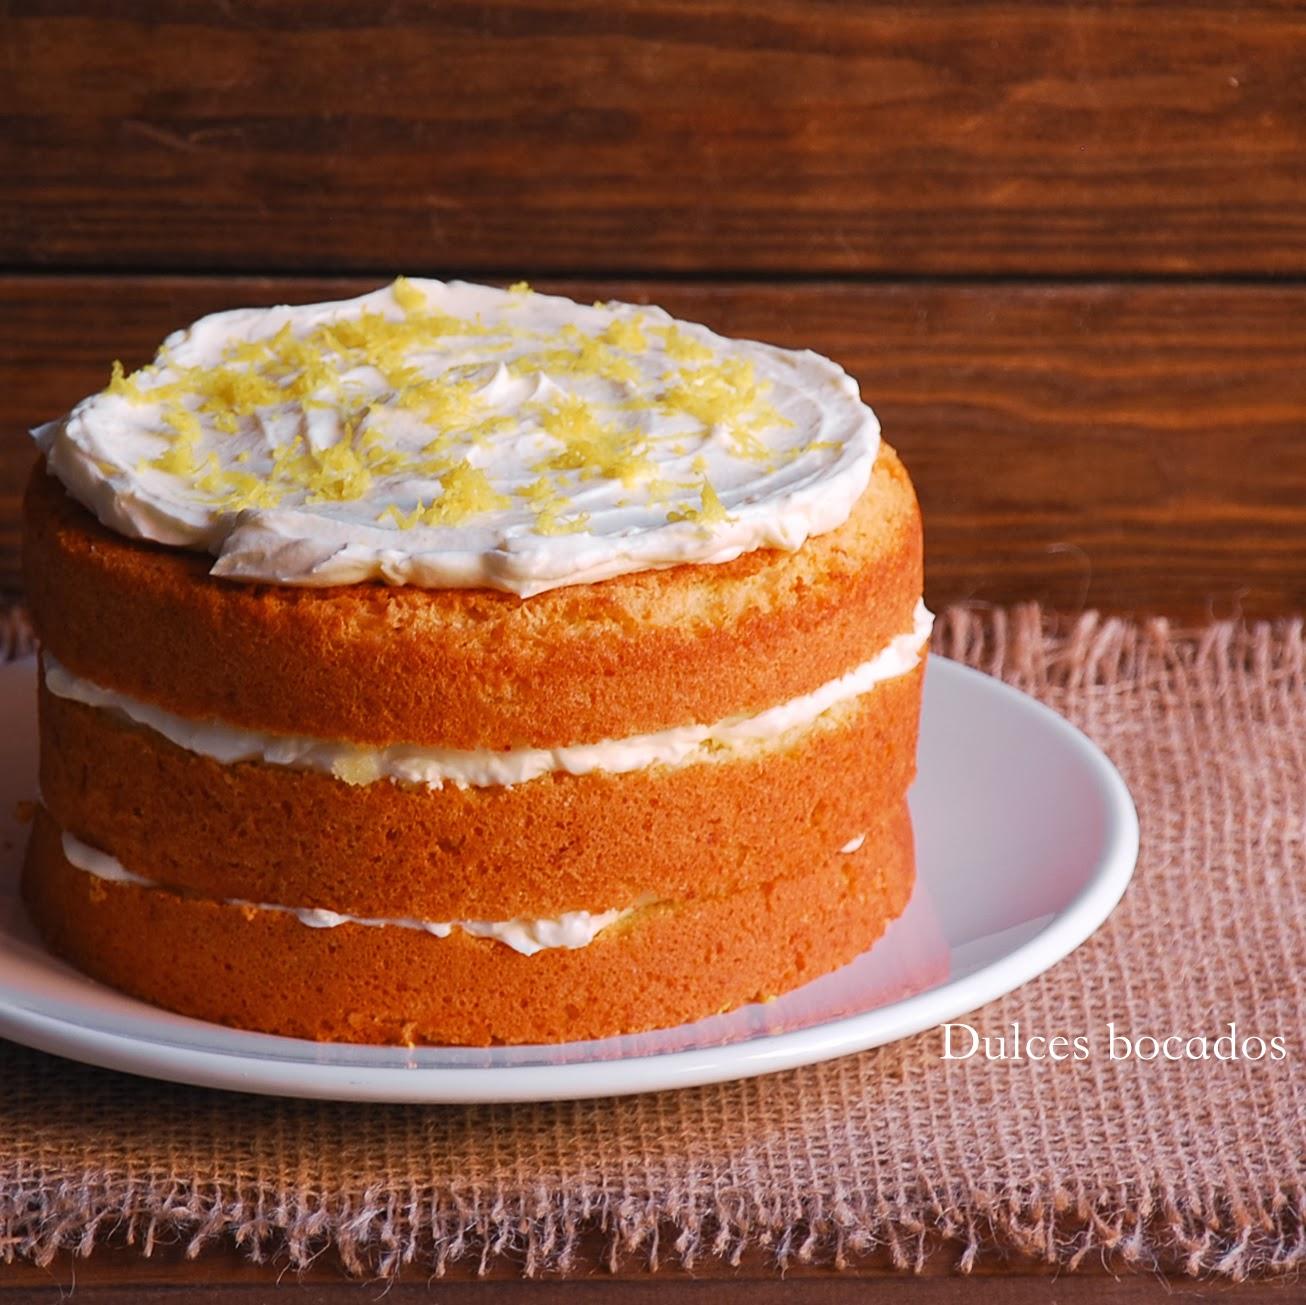 Dulces bocados recetas de cocina paso a paso - Bizcocho de limon esponjoso ...